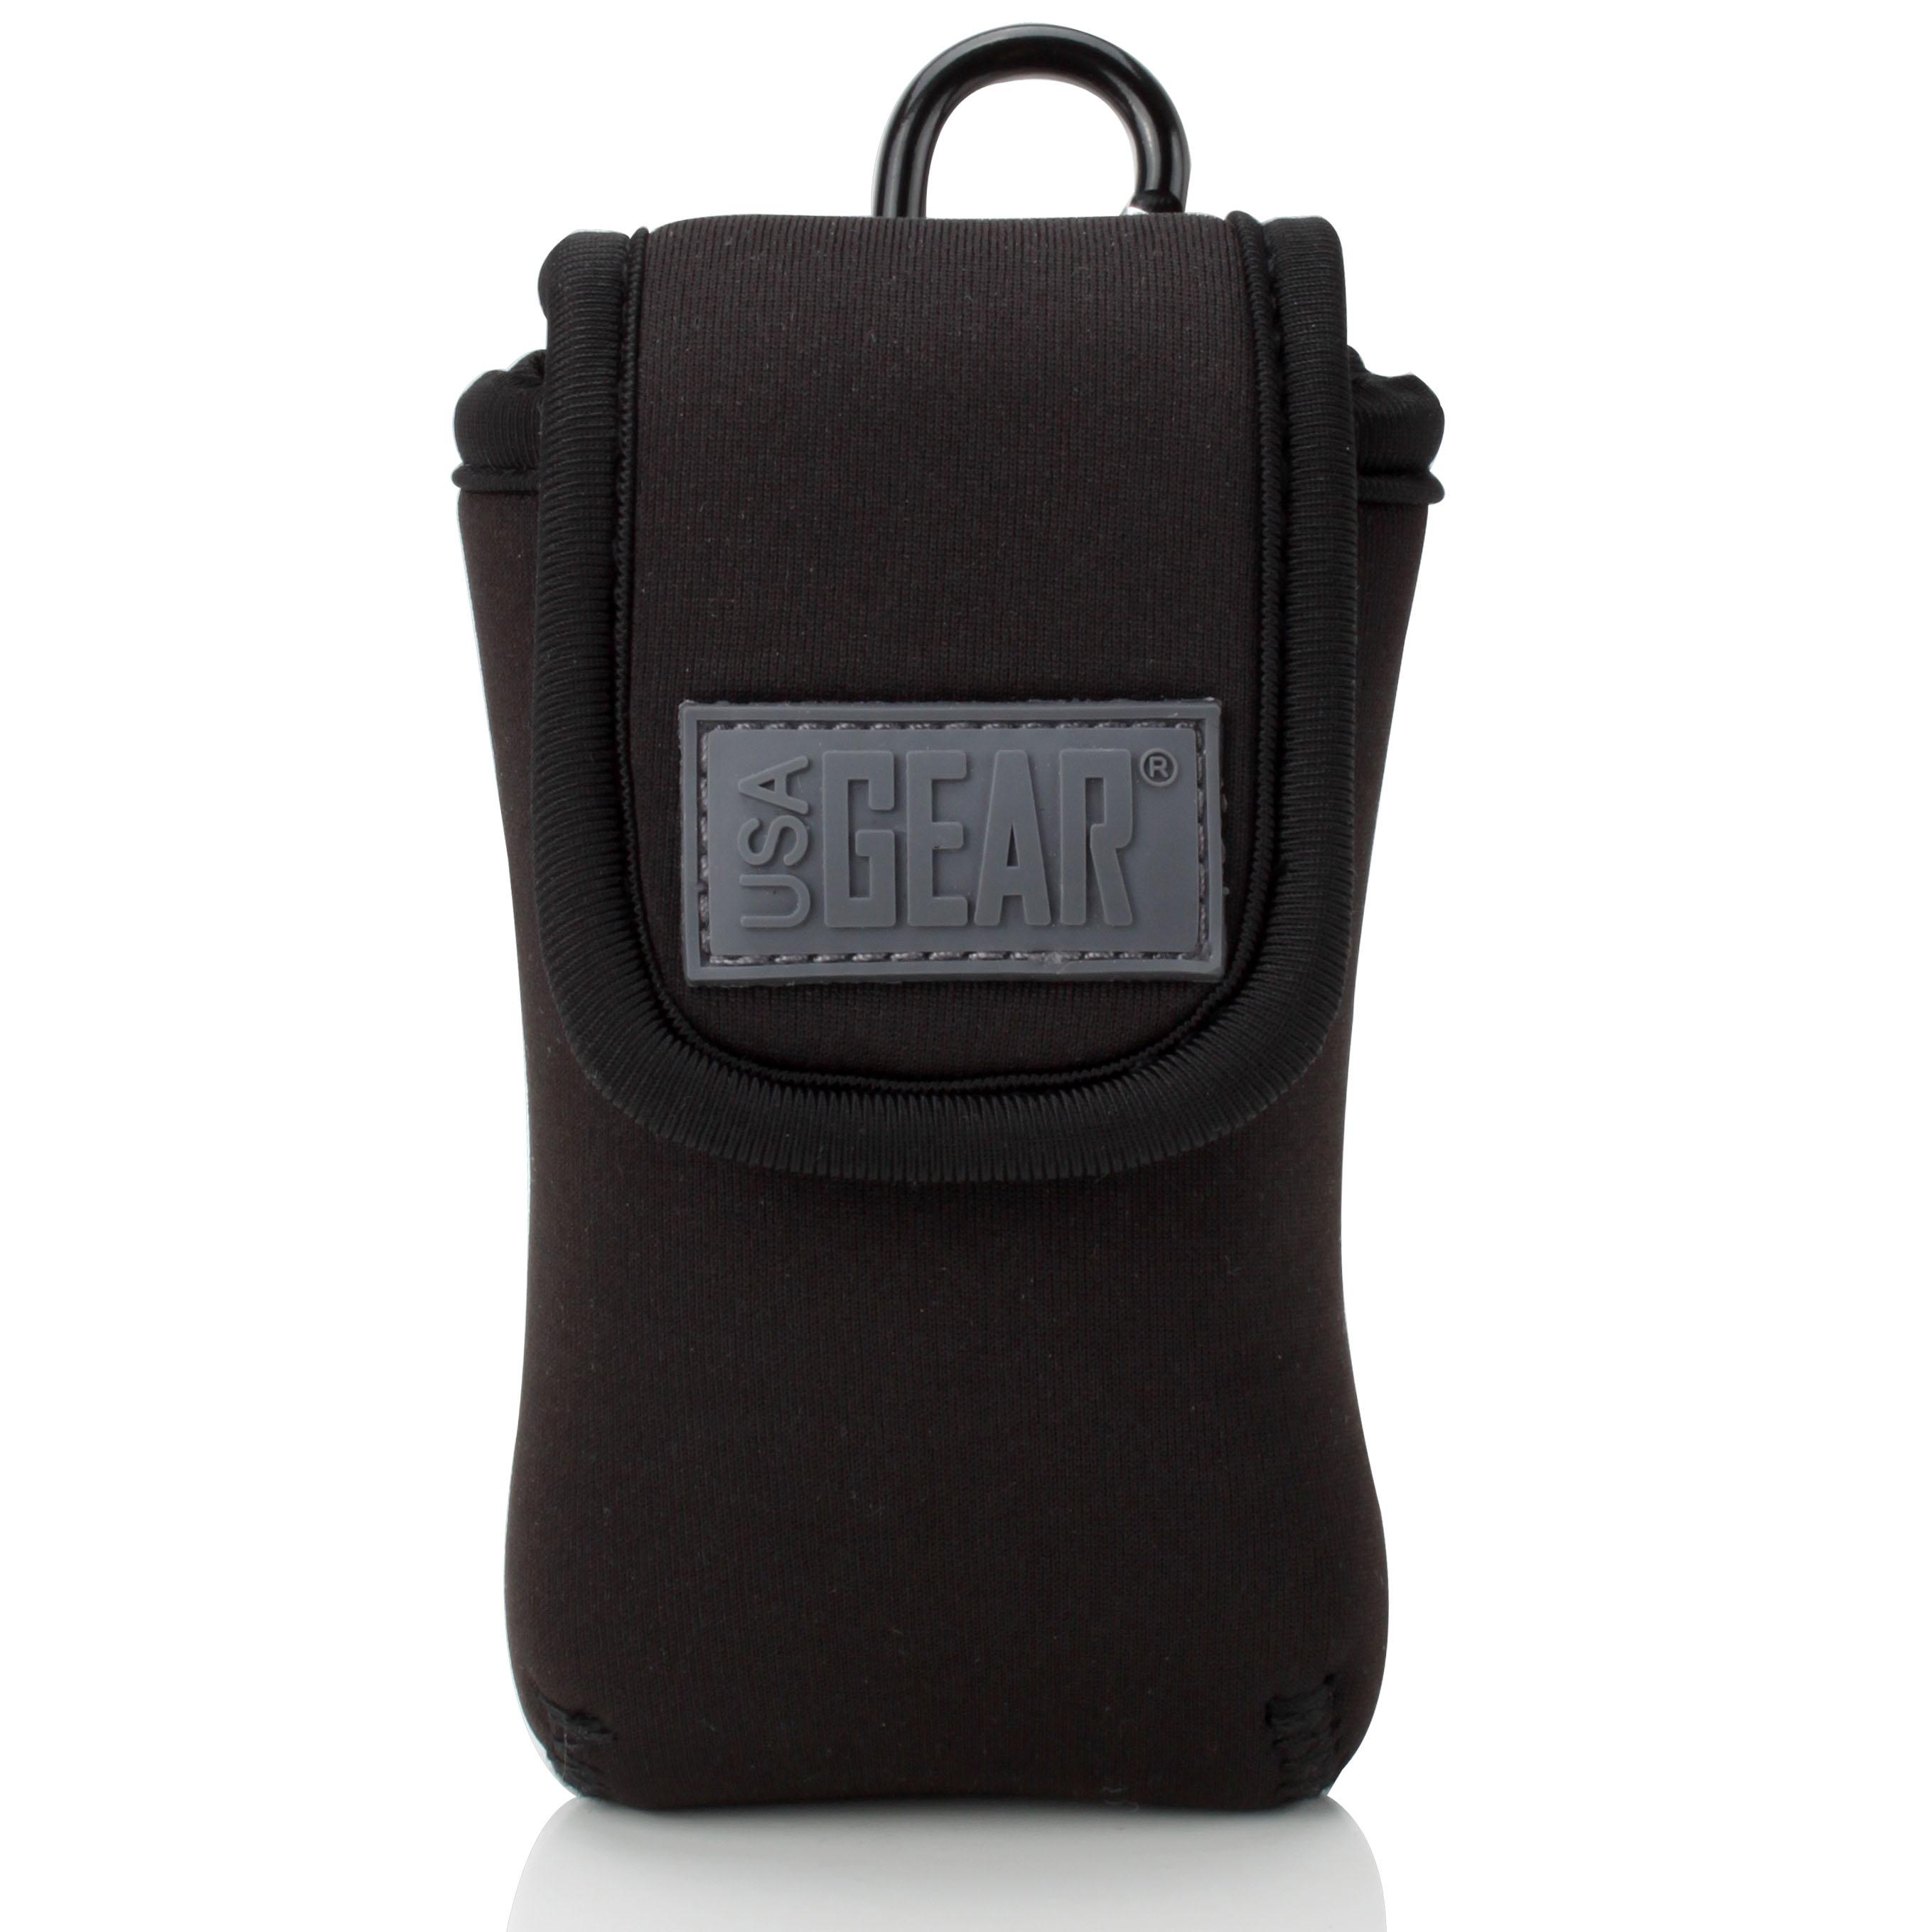 USA Gear FlexArmor Durable Neoprene Sleeve for Apple iPhone 5 3GS 3G 4S 4